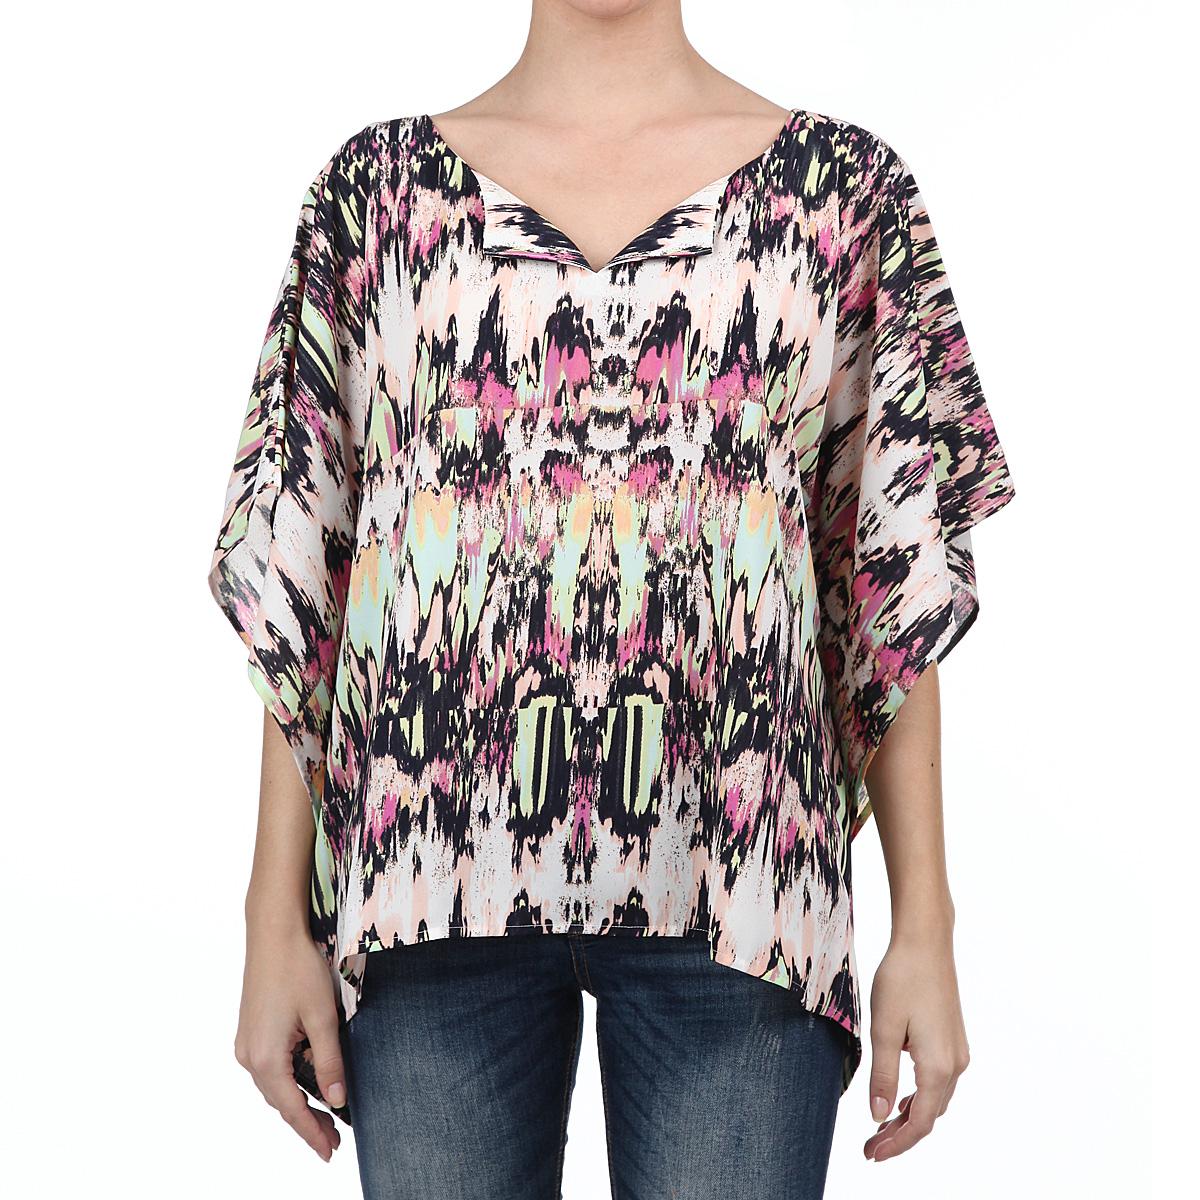 Блузка2030045.00.71_8005Стильная блуза Tom Tailor с заниженной спинкой выполнена из высококачественного материала - приятного на ощупь полиэстера. Модель свободного кроя с короткими рукавами летучая мышь, с V-образным вырезом горловины. Блузка оформлена абстрактным принтом. Такая модель, несомненно, вам понравится и послужит отличным дополнением к вашему гардеробу.